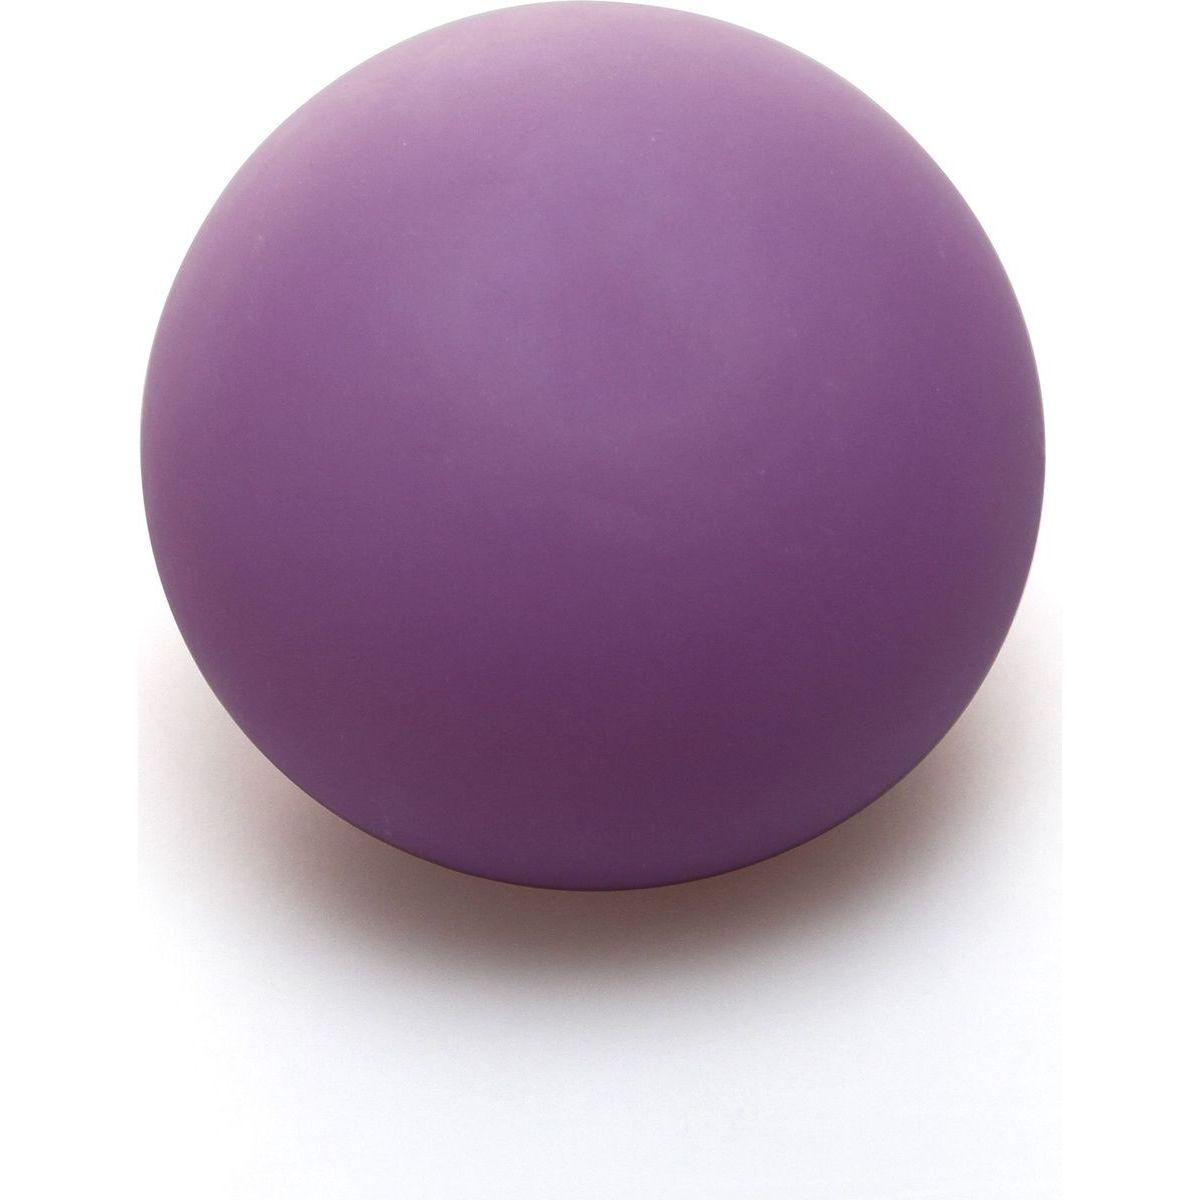 Antistresový míček 6,5 cm svítící ve tmě fialový